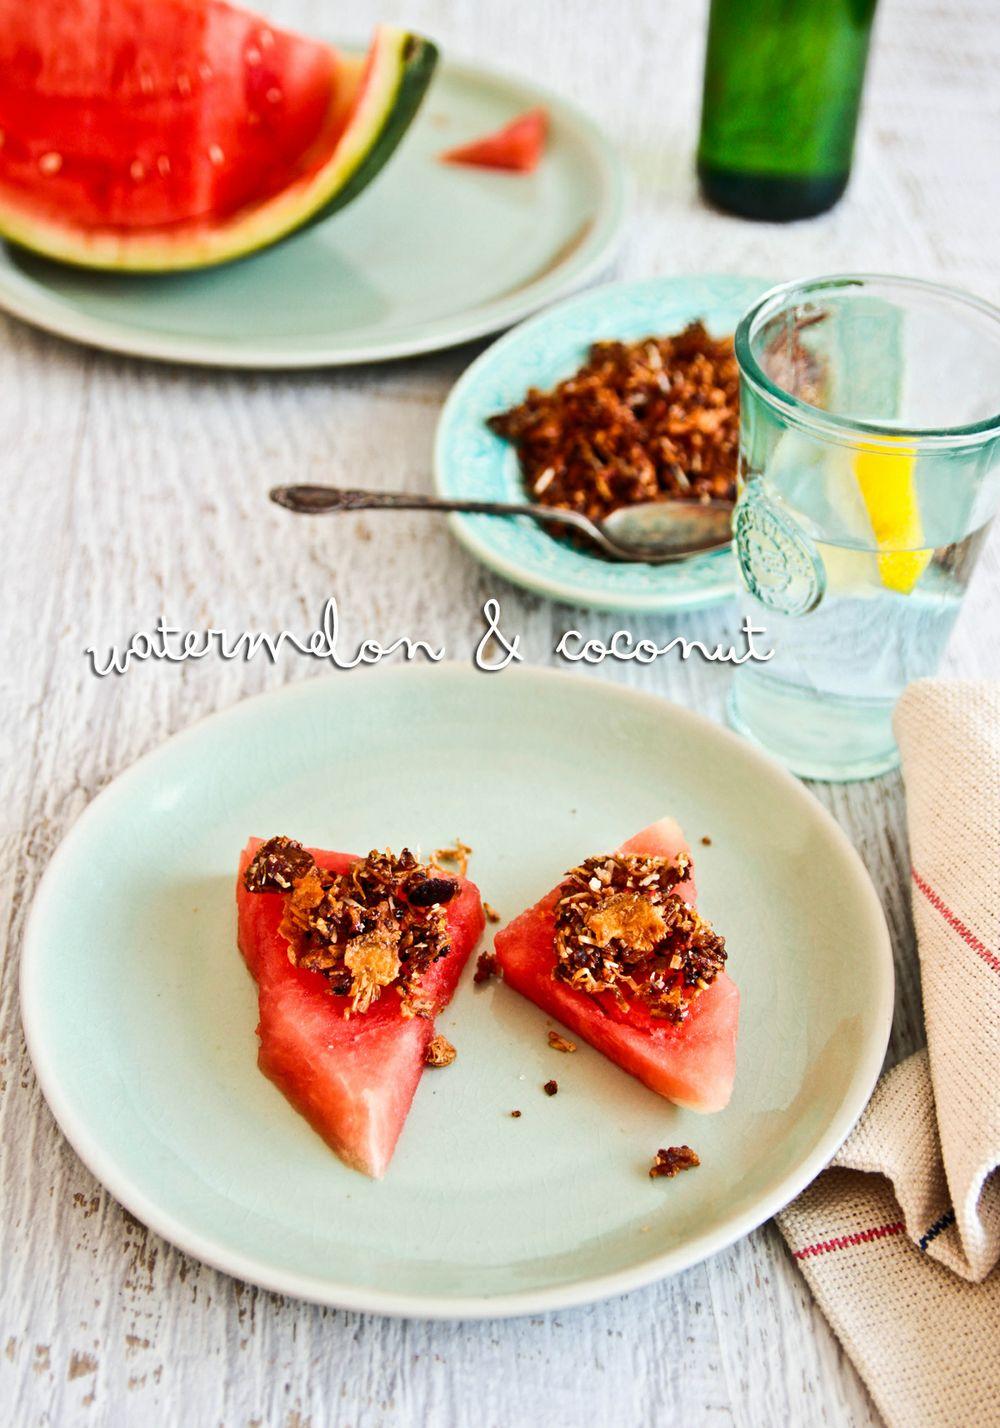 m-watermelon-coconut-2-3